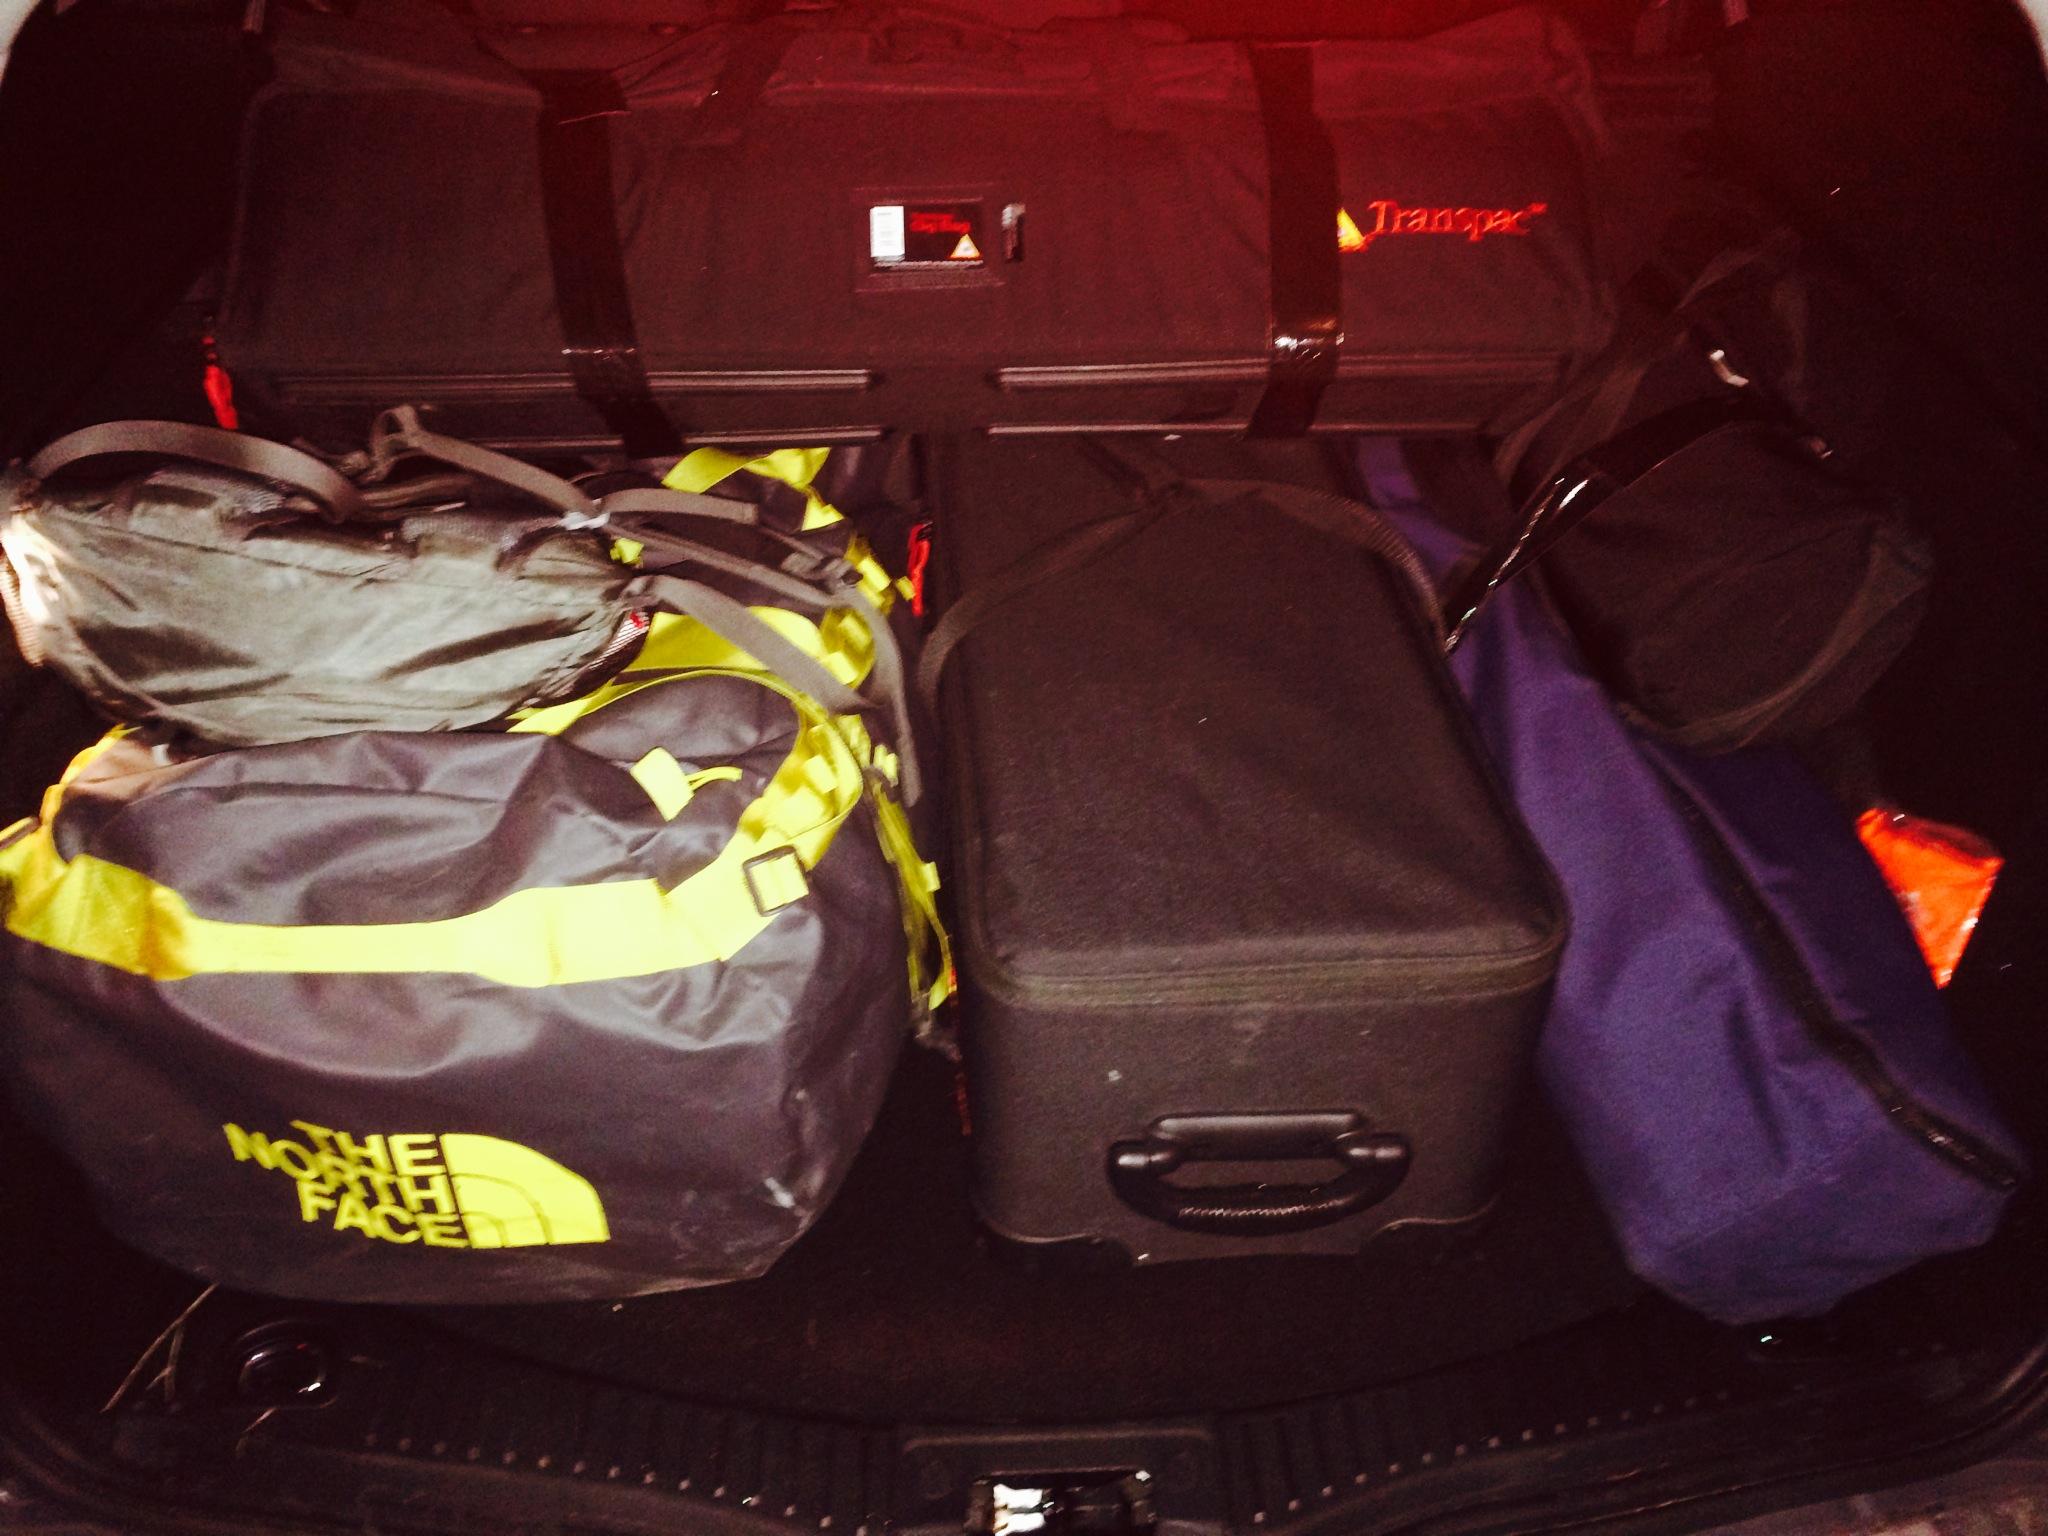 Luggage for Munich